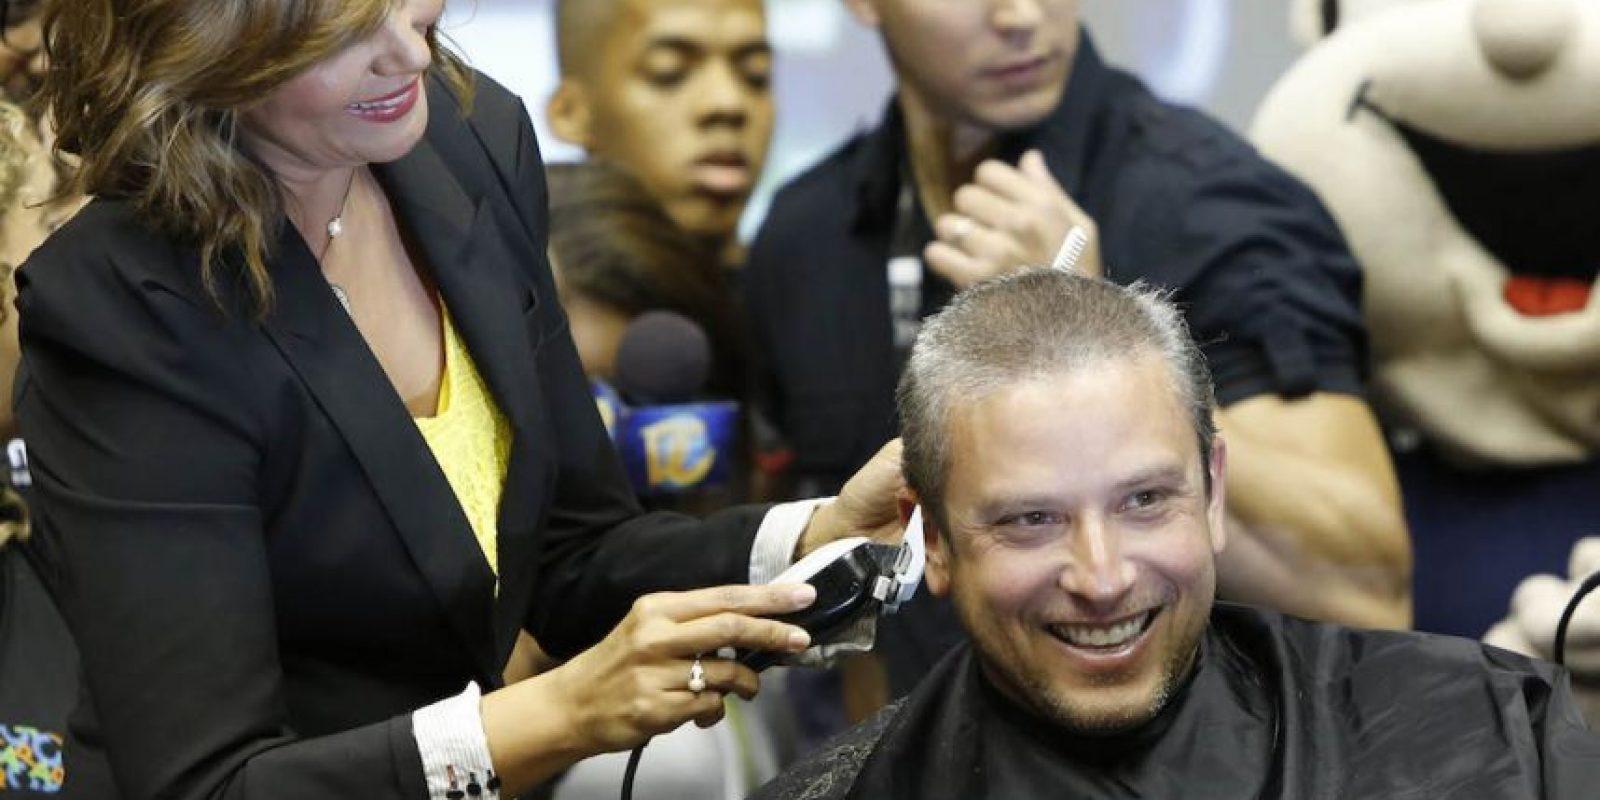 La primera dama Wilma Pastrana pasó la máquina de recortar a su esposo, el gobernador García Padilla. Foto:Suministrada. Imagen Por: